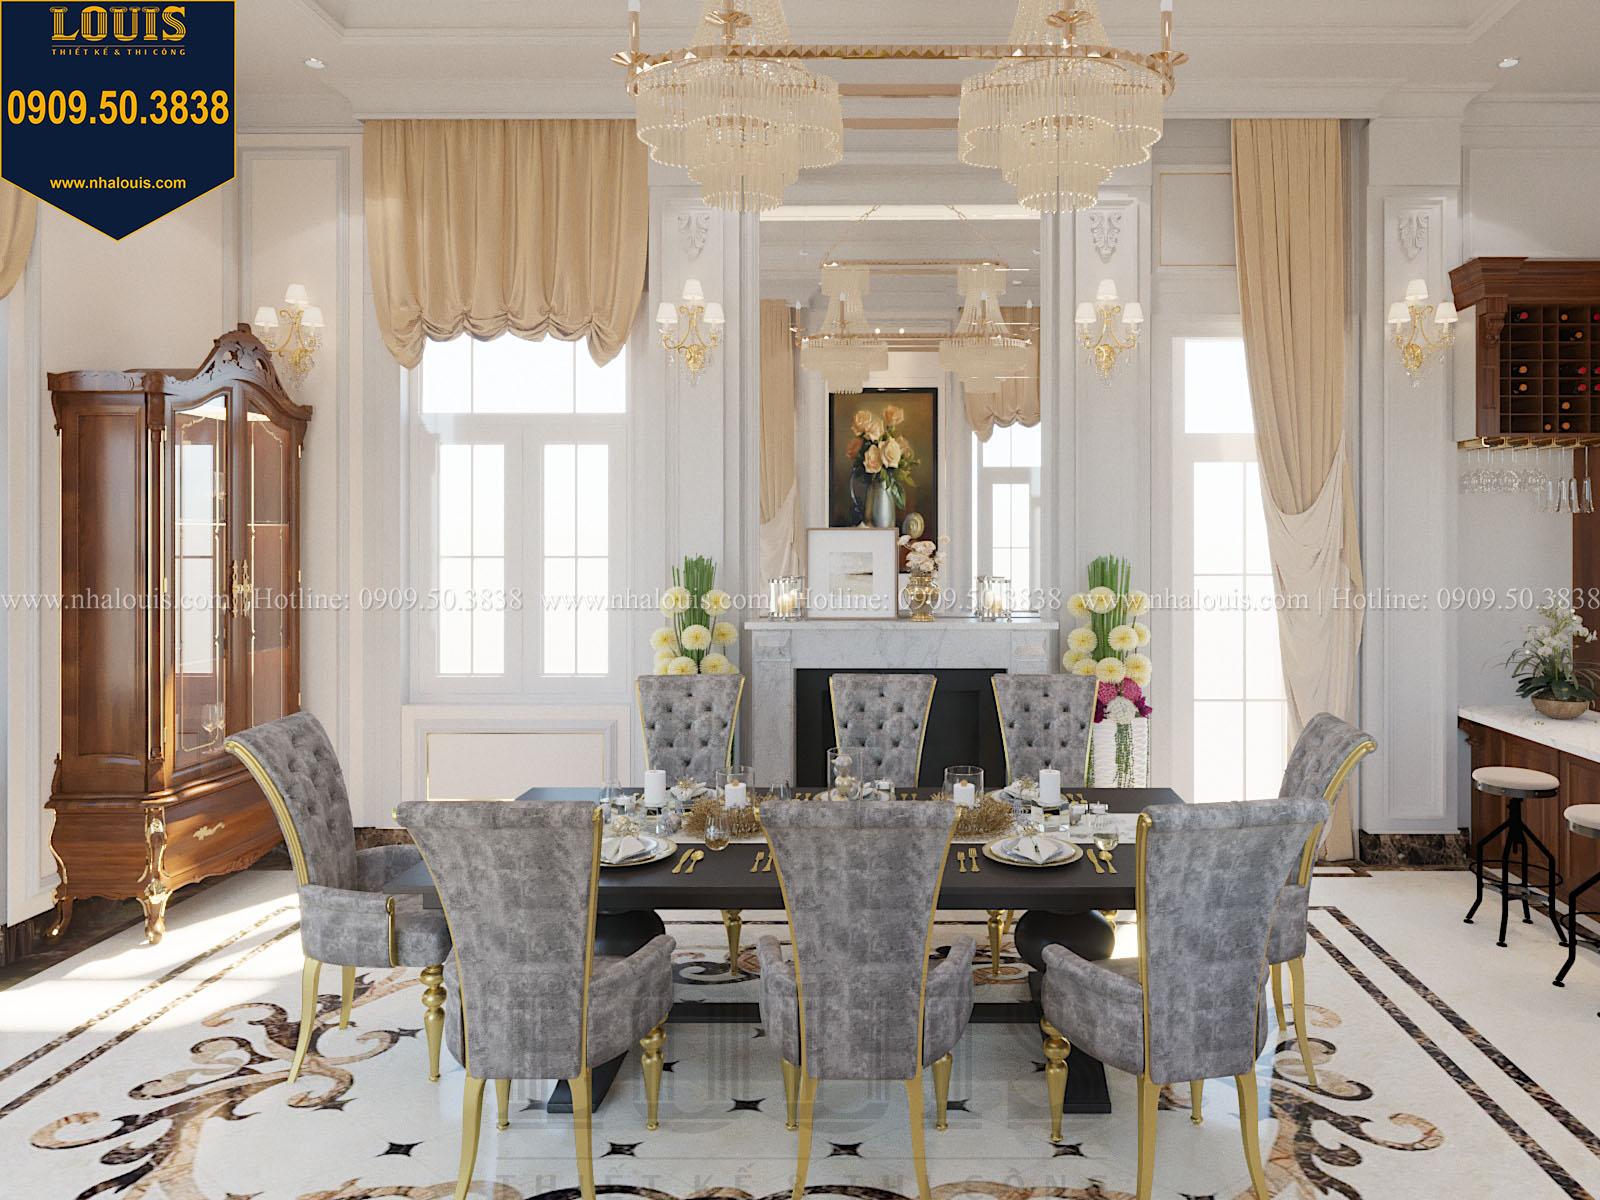 Phòng ăn biệt thự 2 tầng đẹp - 020